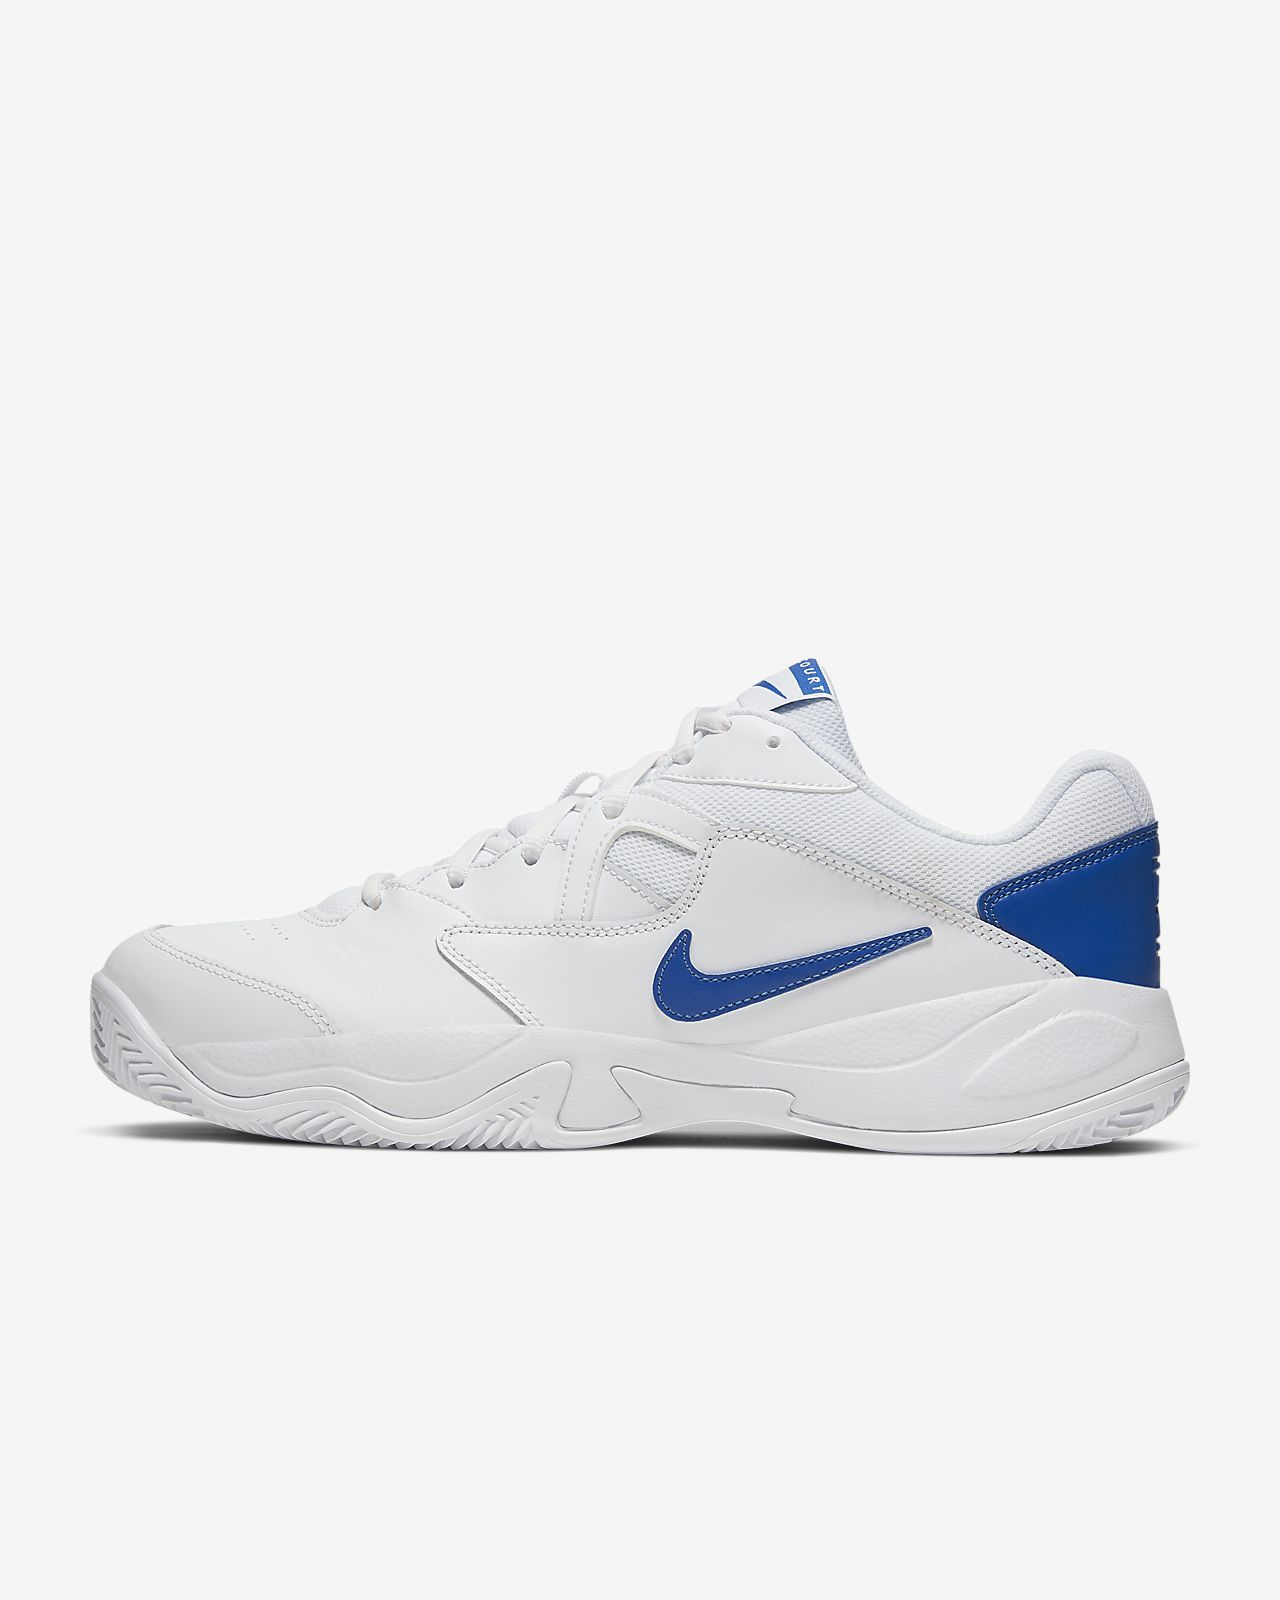 NikeCourt Lite 2 Erkek Toprak Kort Tenis Ayakkabısı